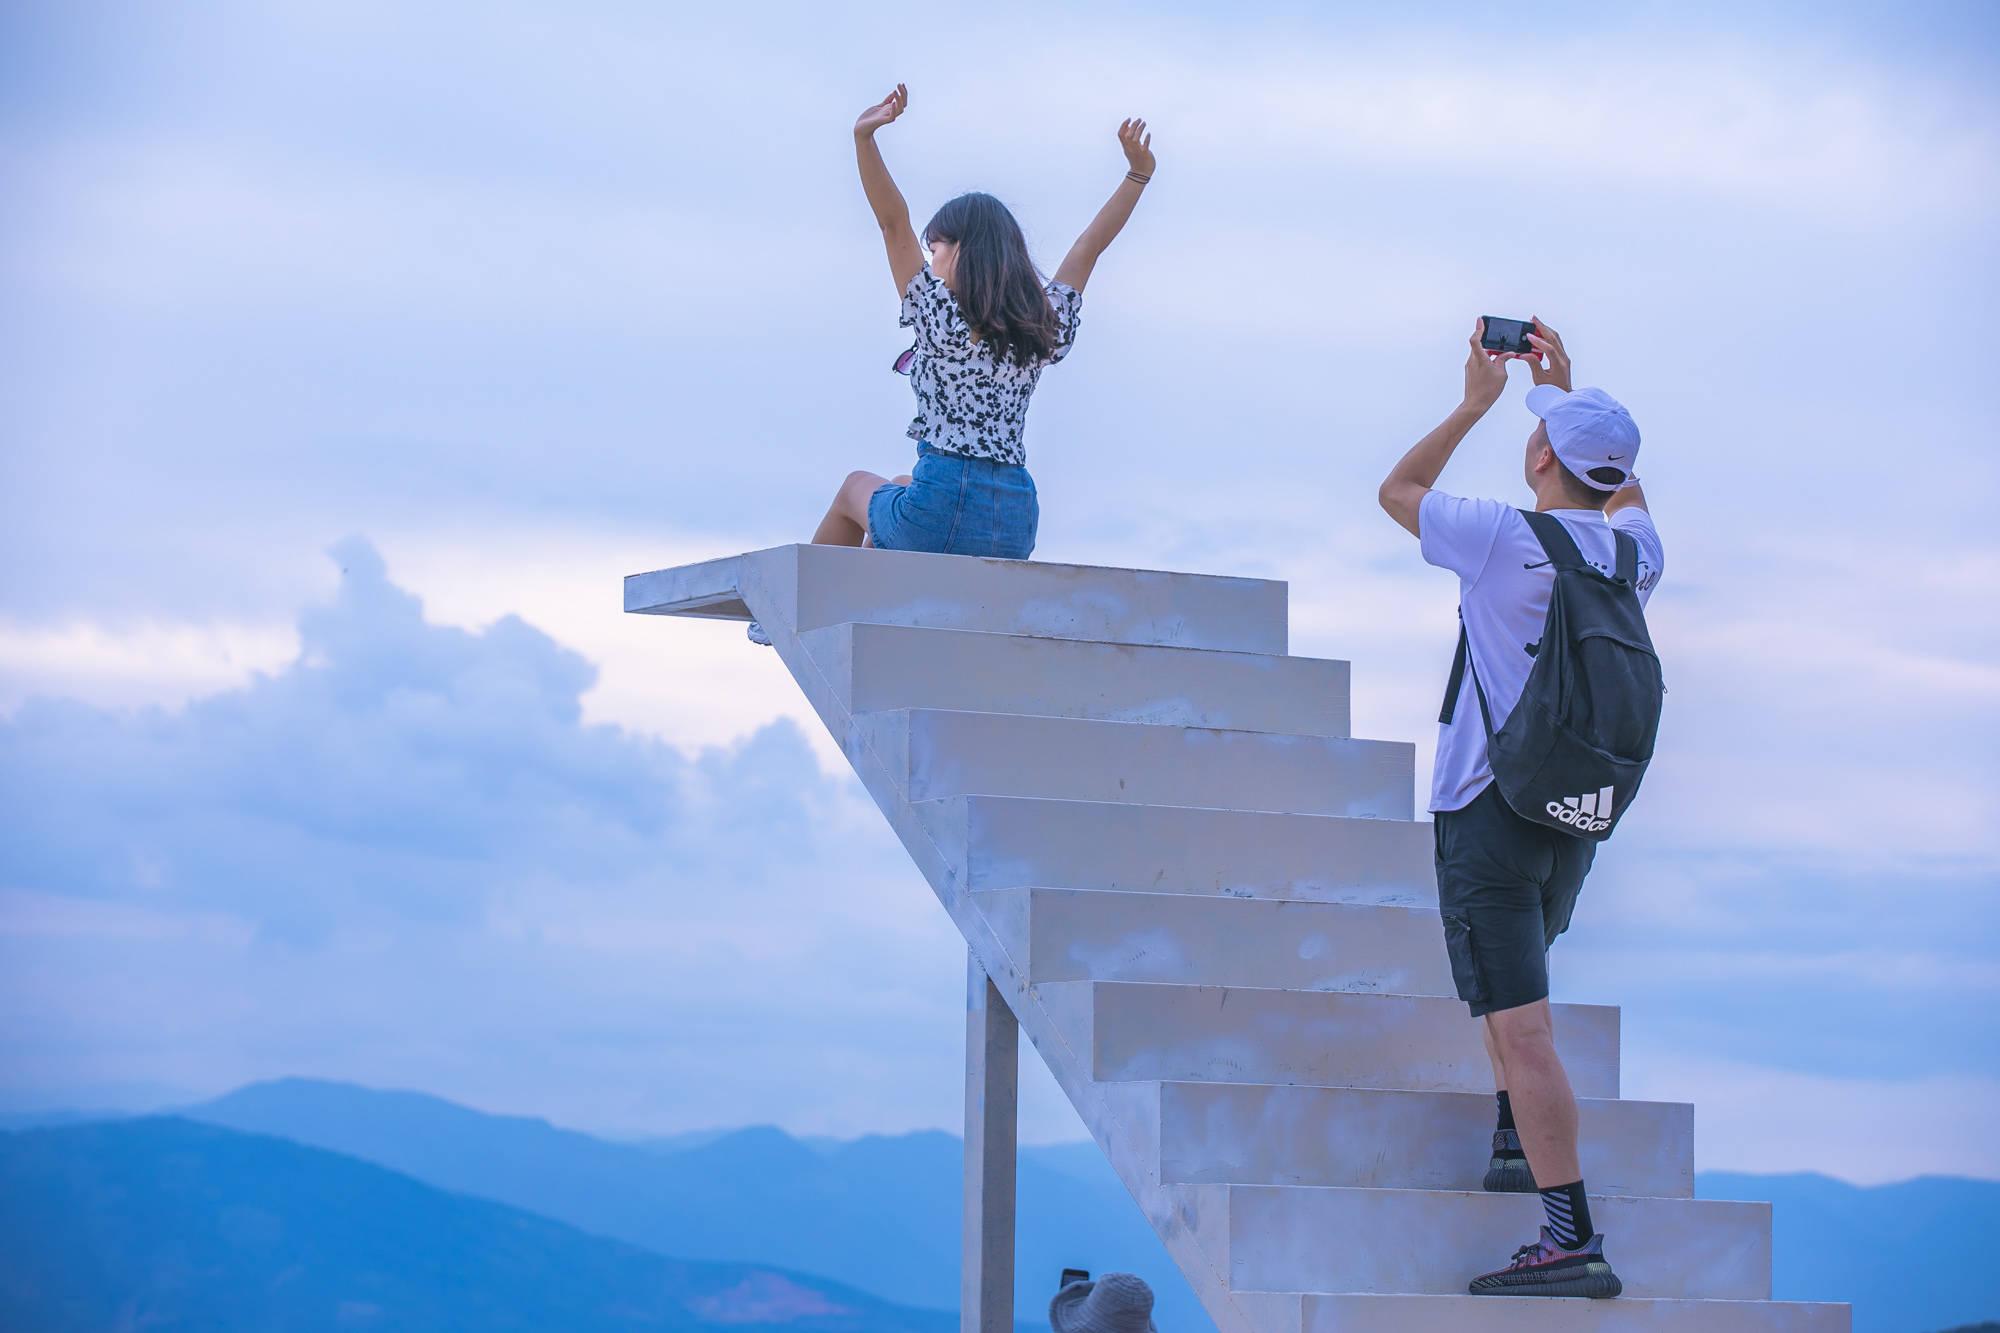 大理最火的网红观景台,就在洱海边,游客拍照收费,你觉得贵吗?